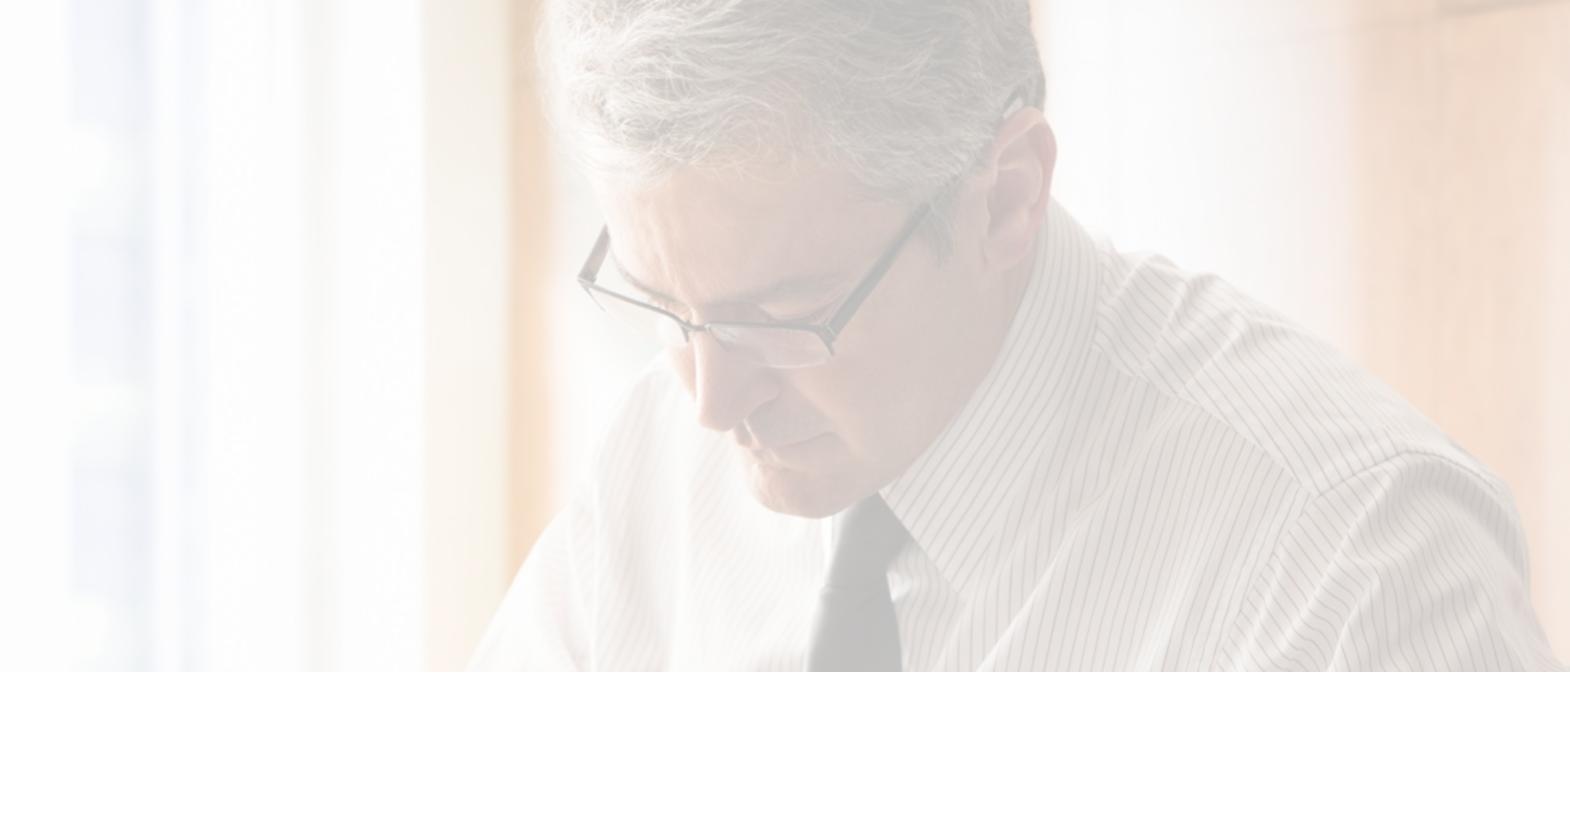 Enterprise Revenue Cycle Management and EHR